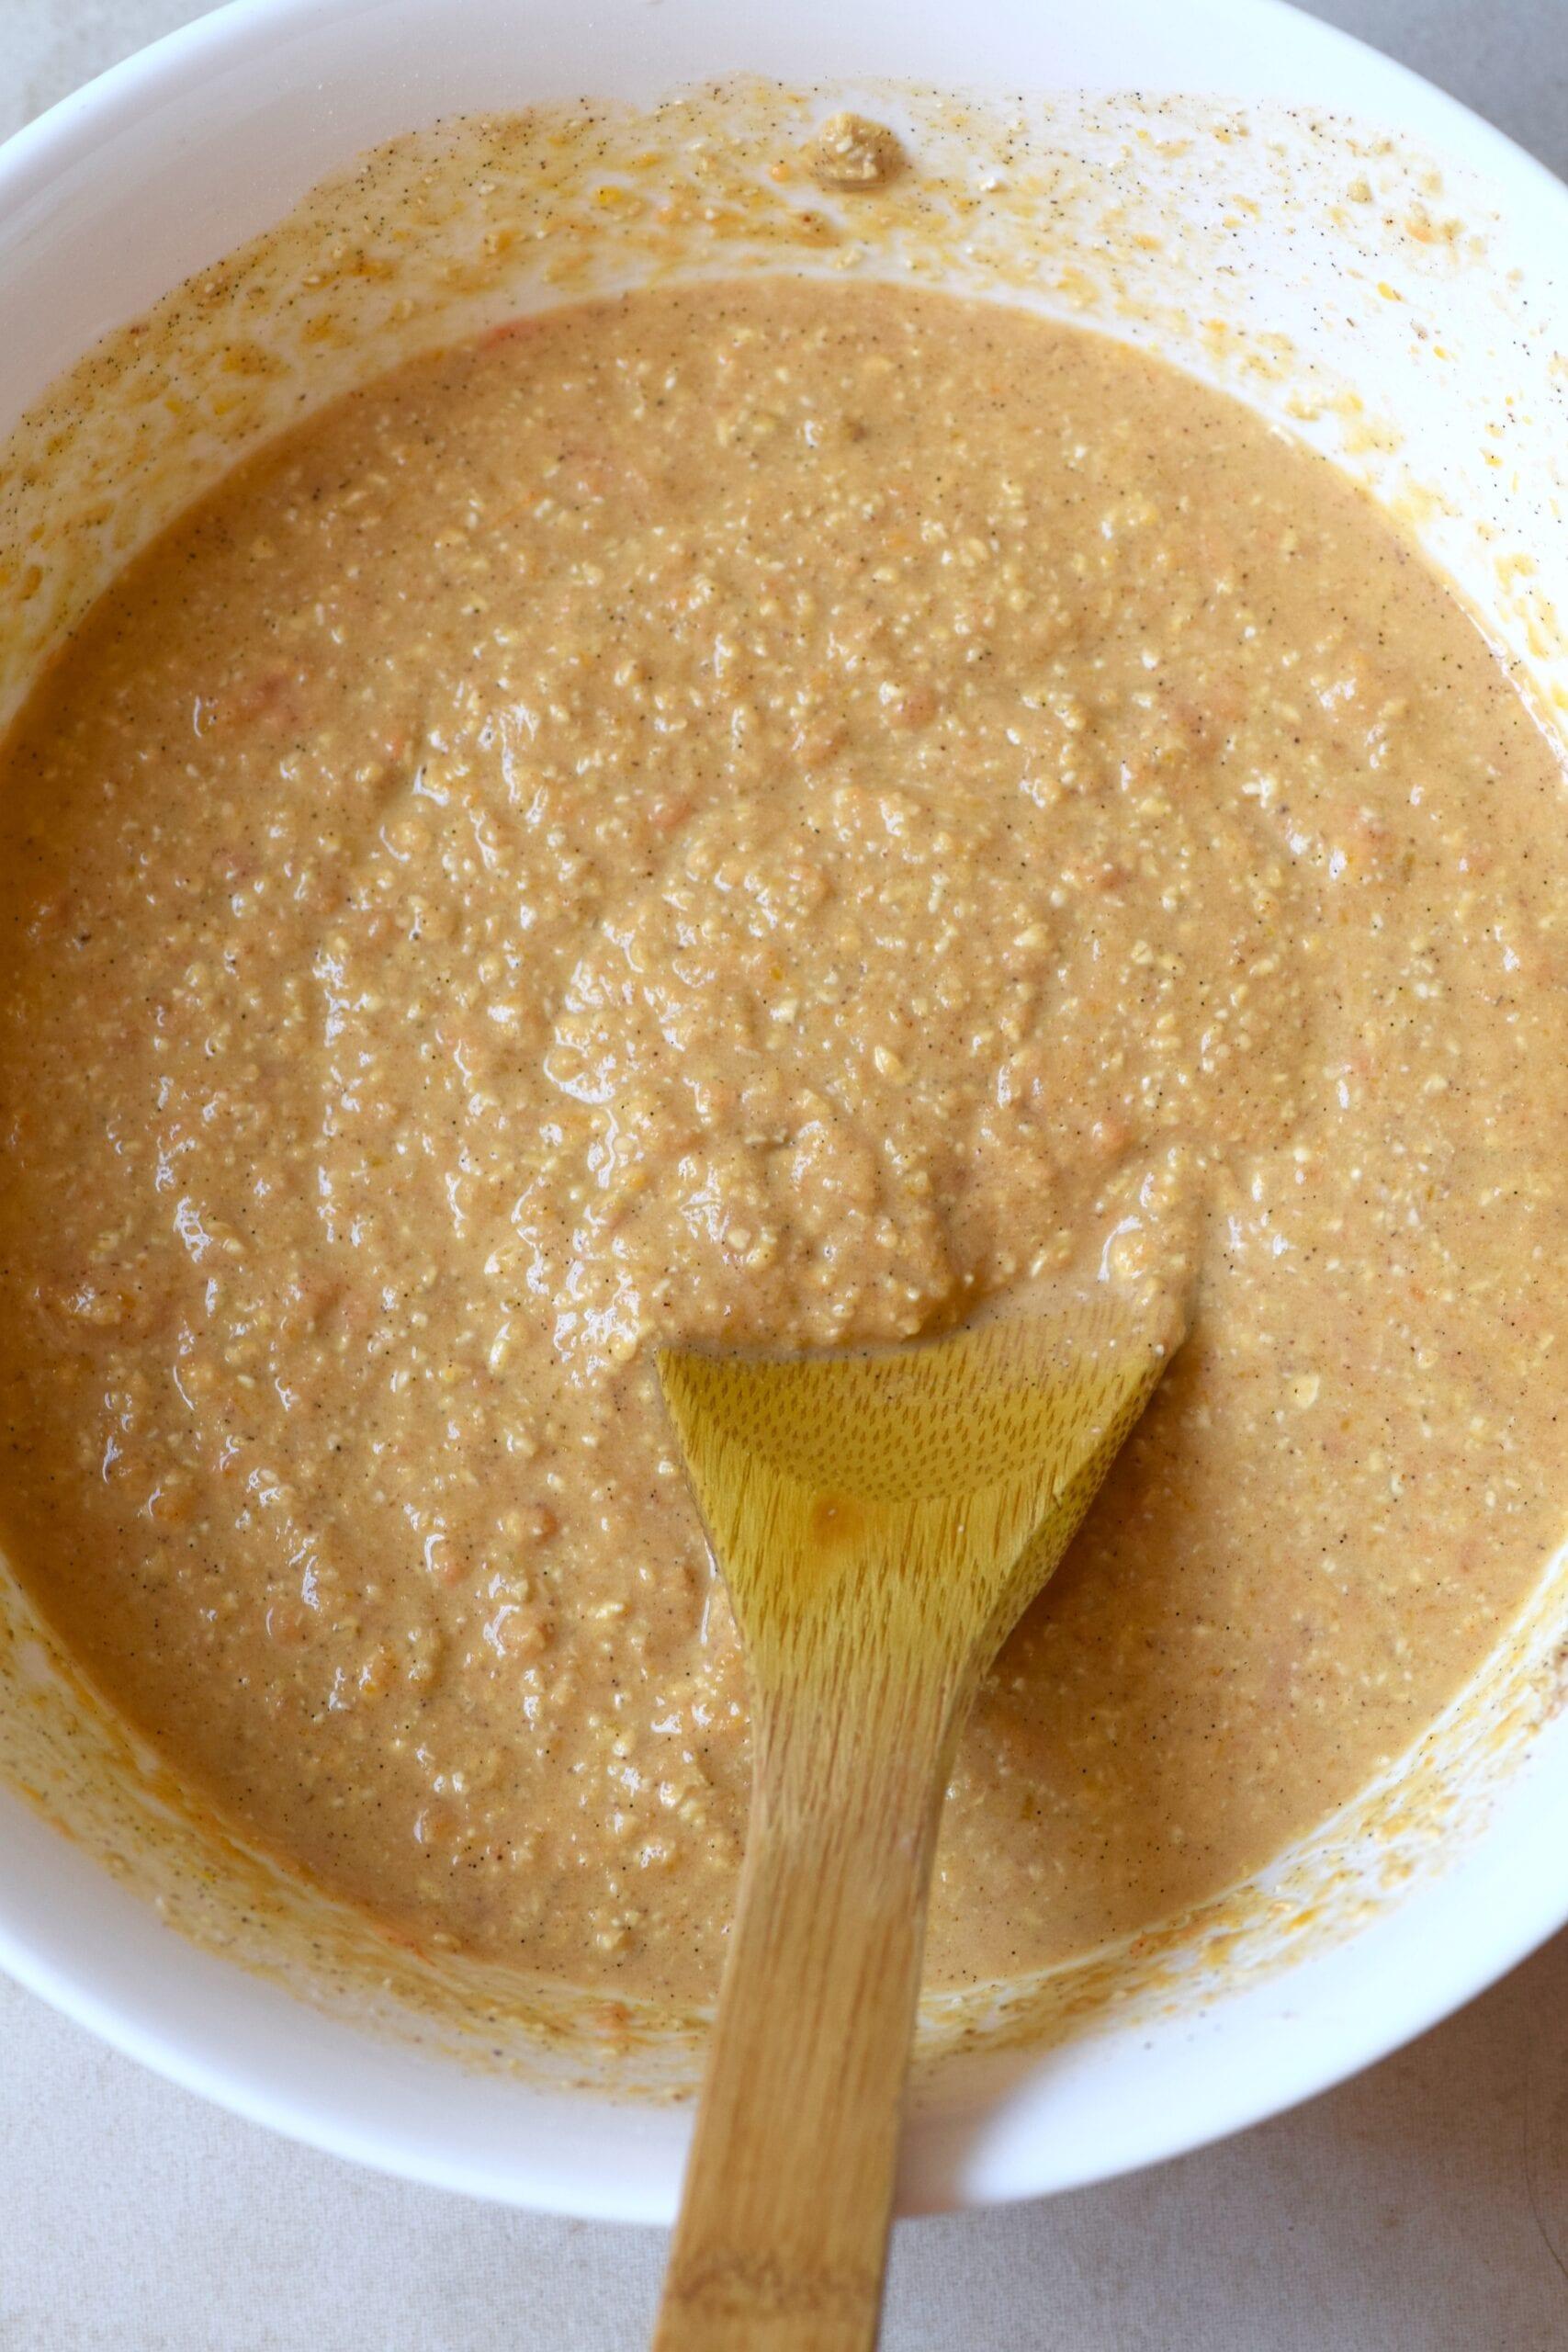 Pancake batter in a white mixing bowl